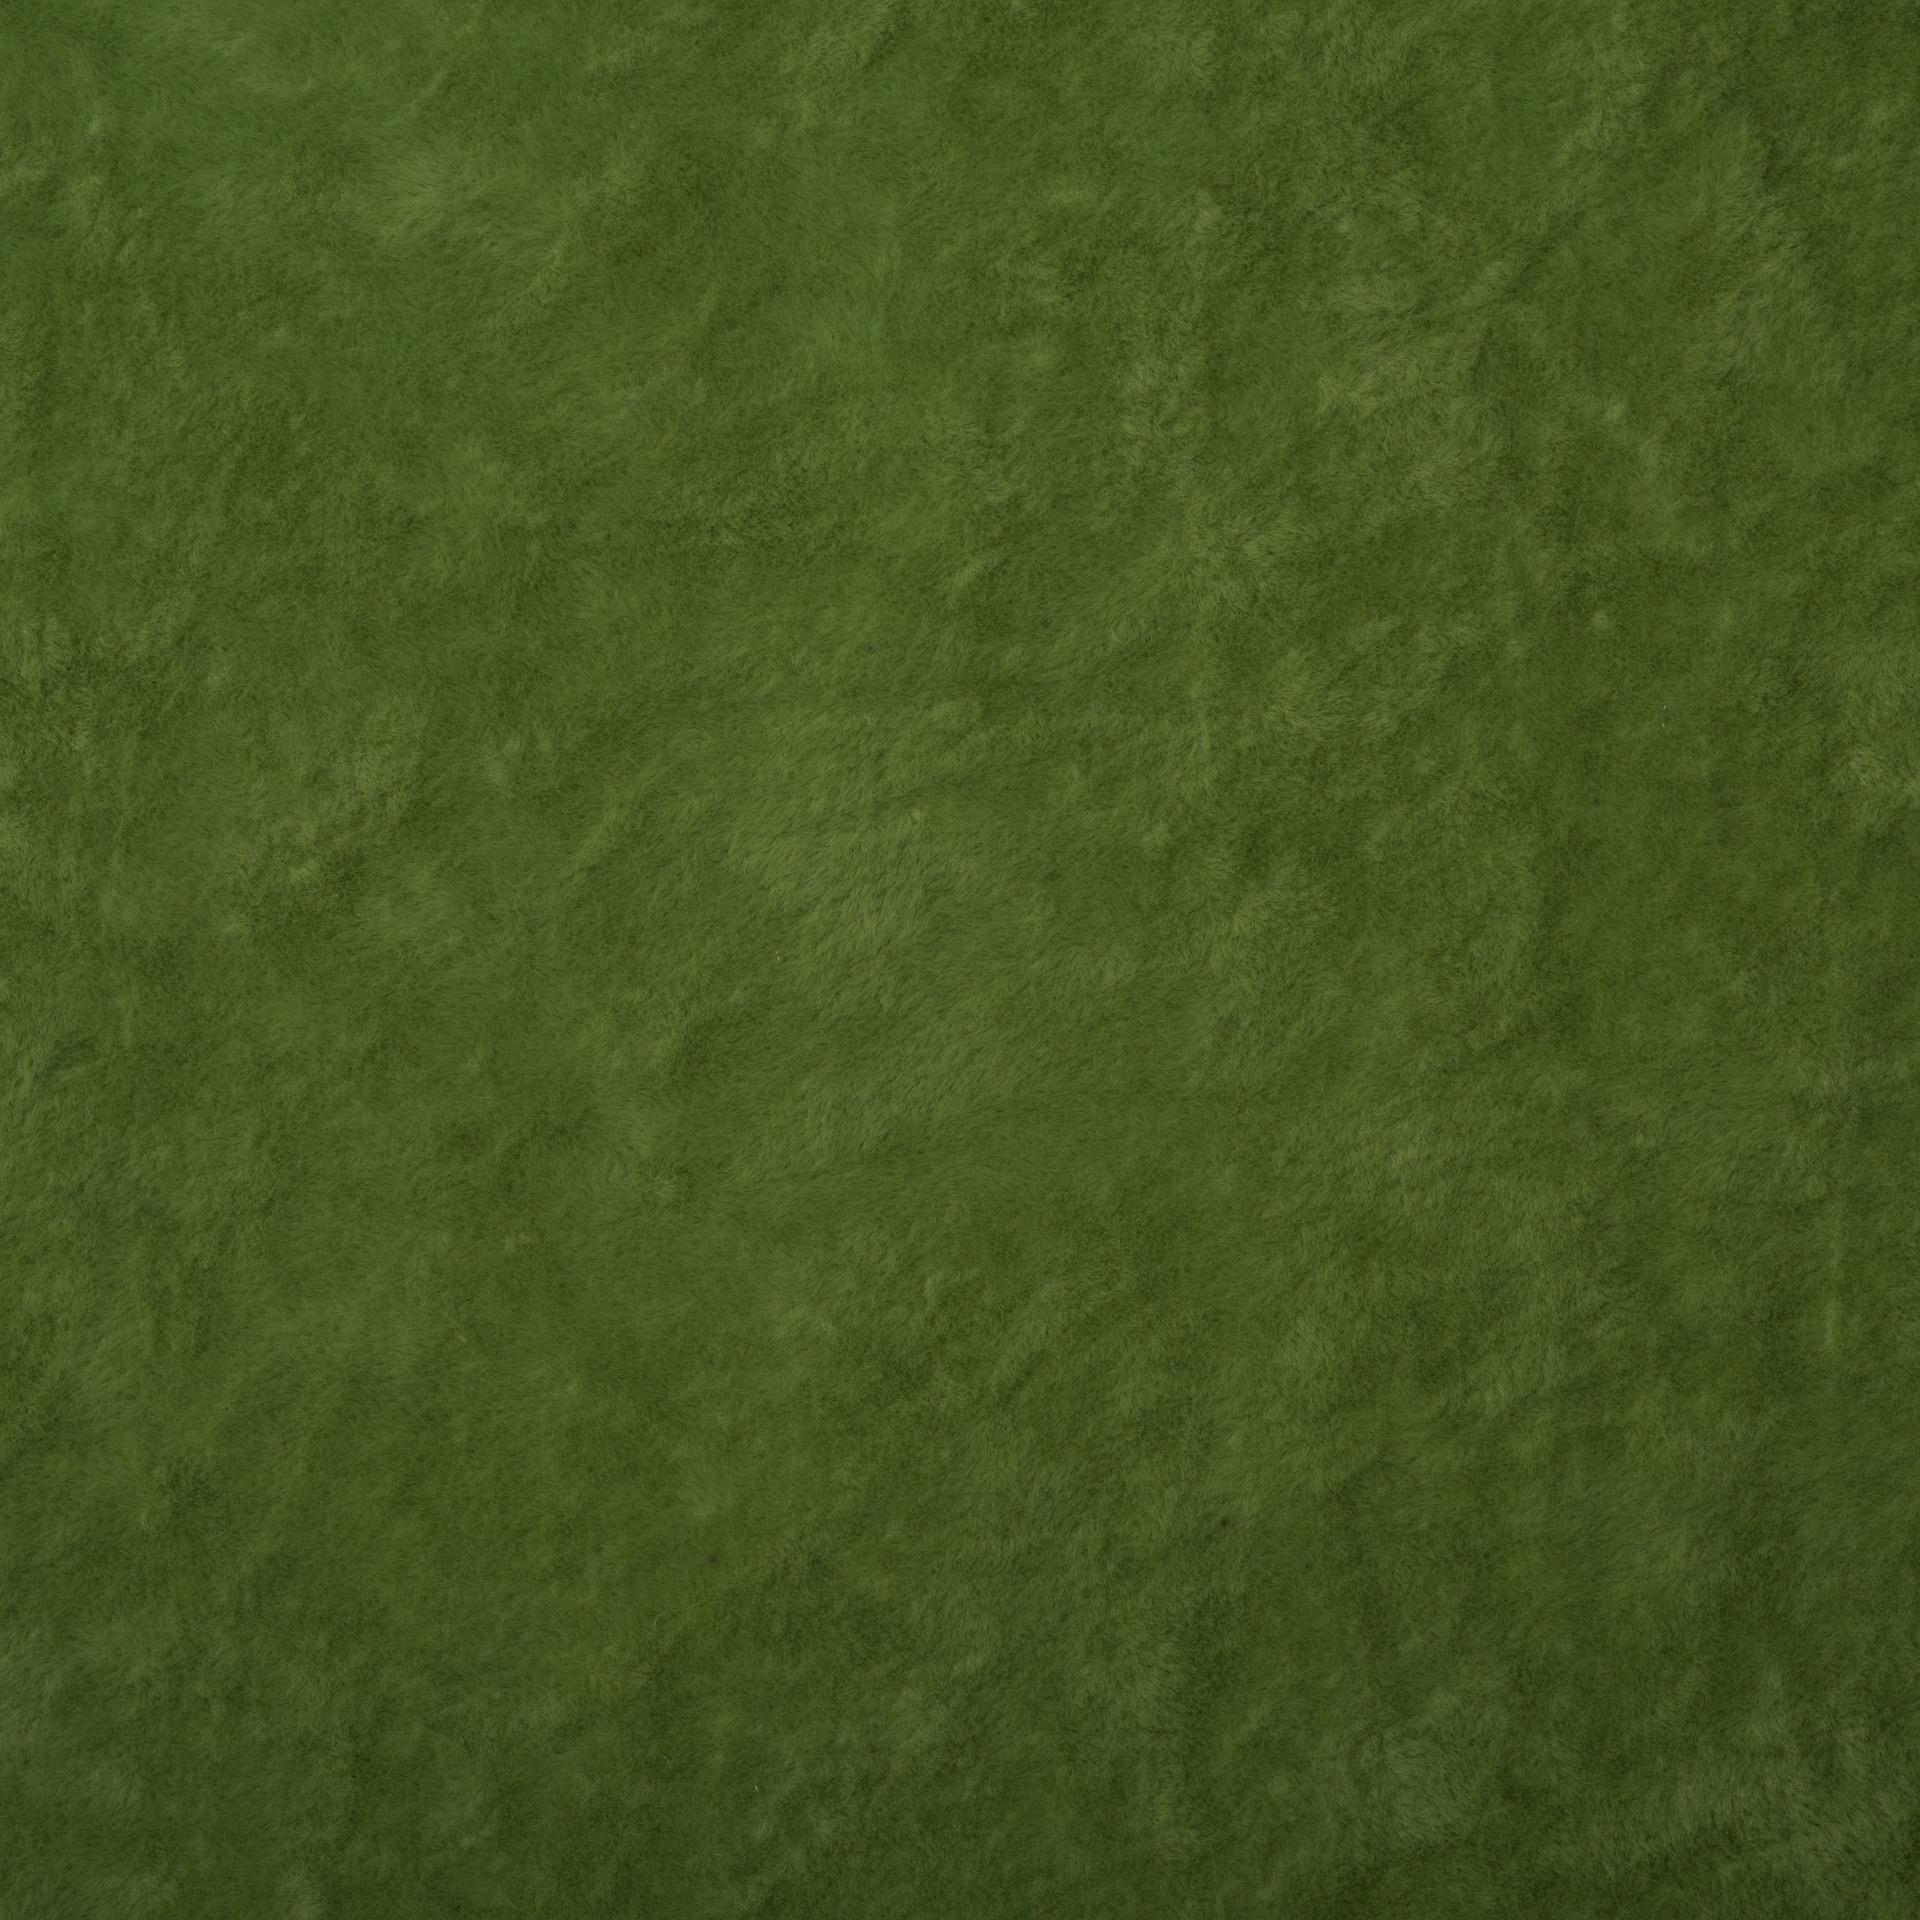 Коллекция ткани Финт LIME,  купить ткань Флок для мебели Украина